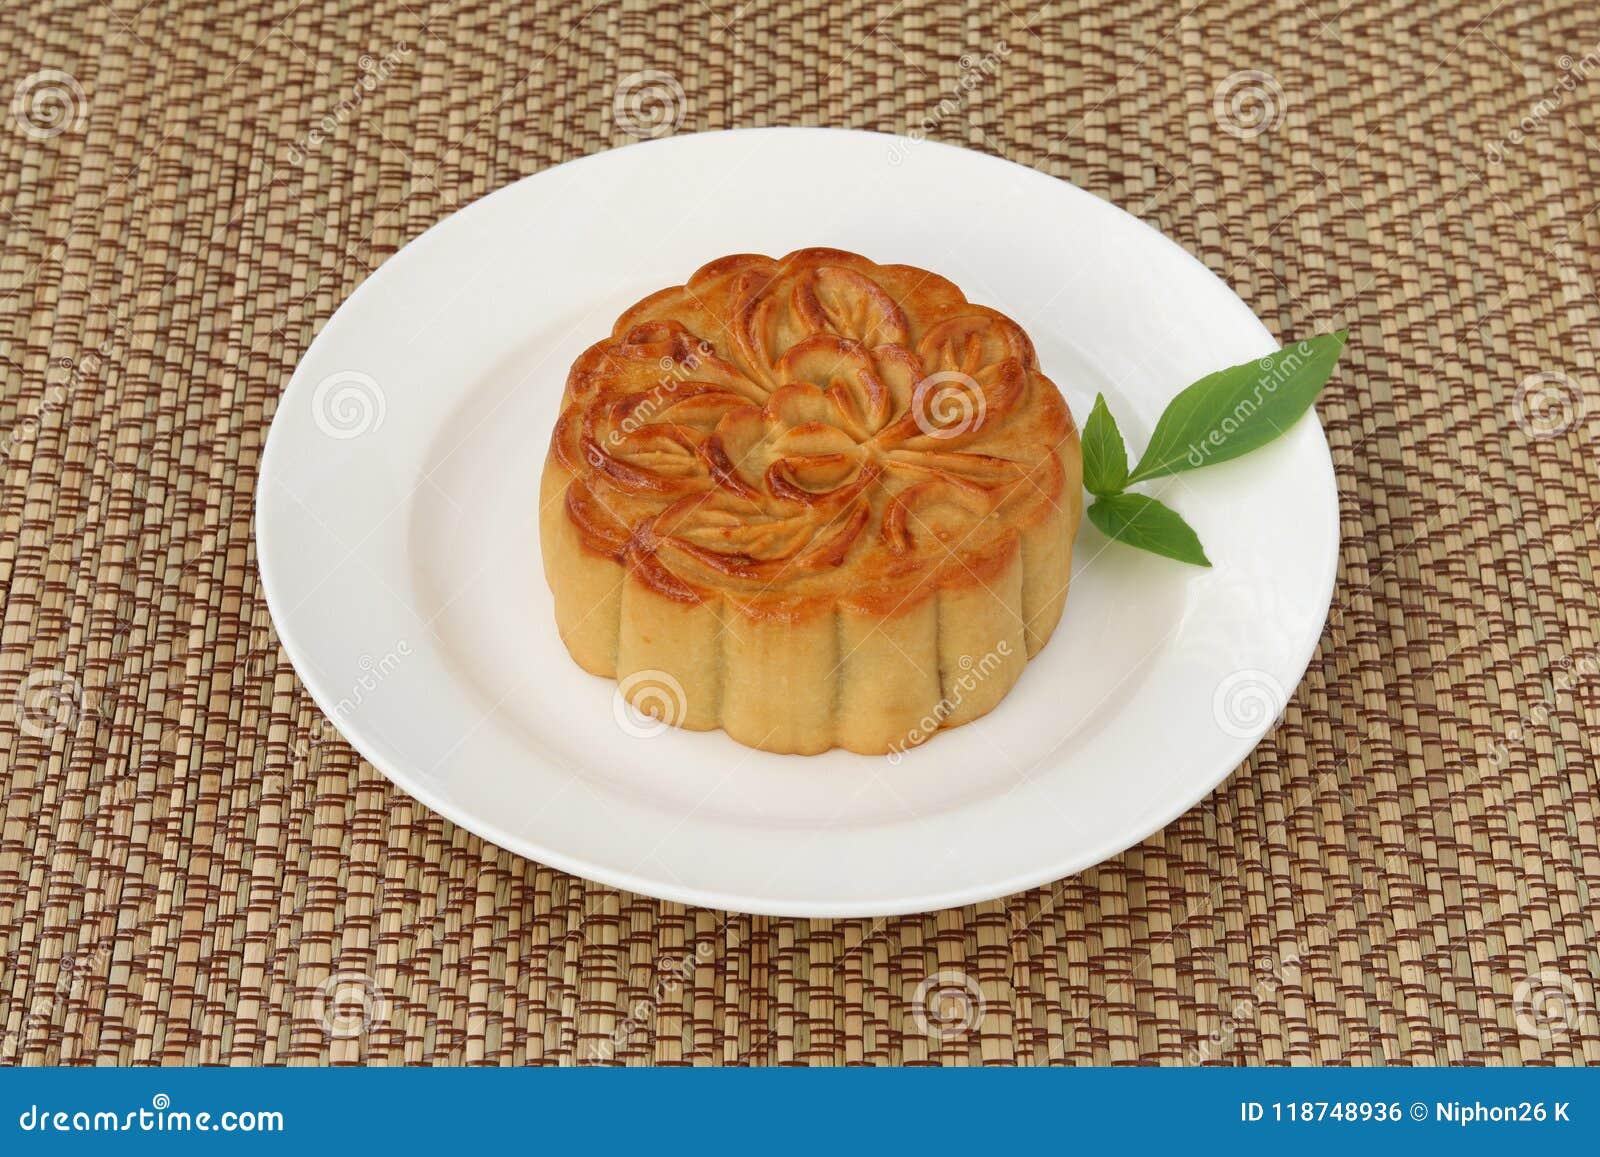 Mooncake for festival